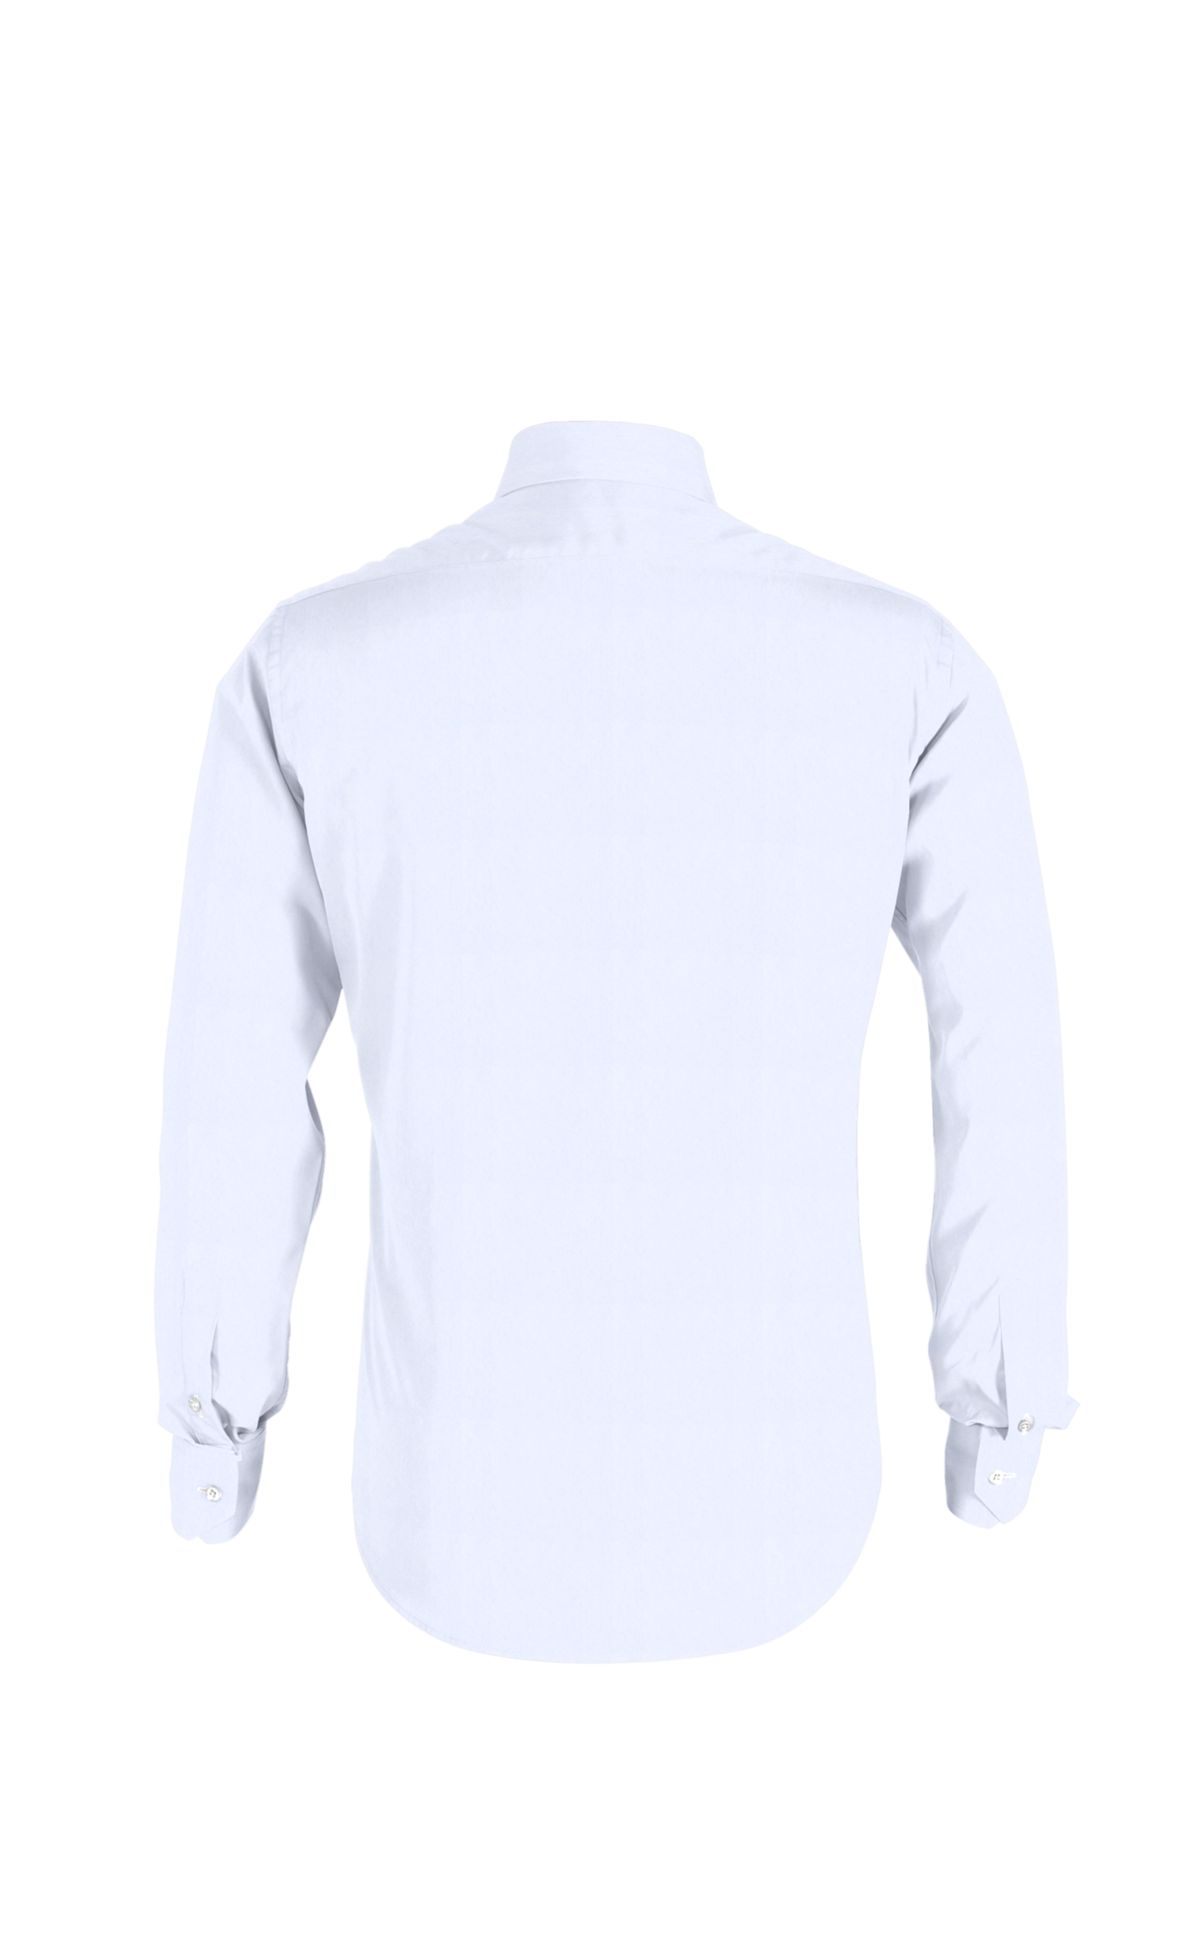 offre couleurs et frappant Promotion de ventes Chemise homme Blanc uni - Tailor Corner